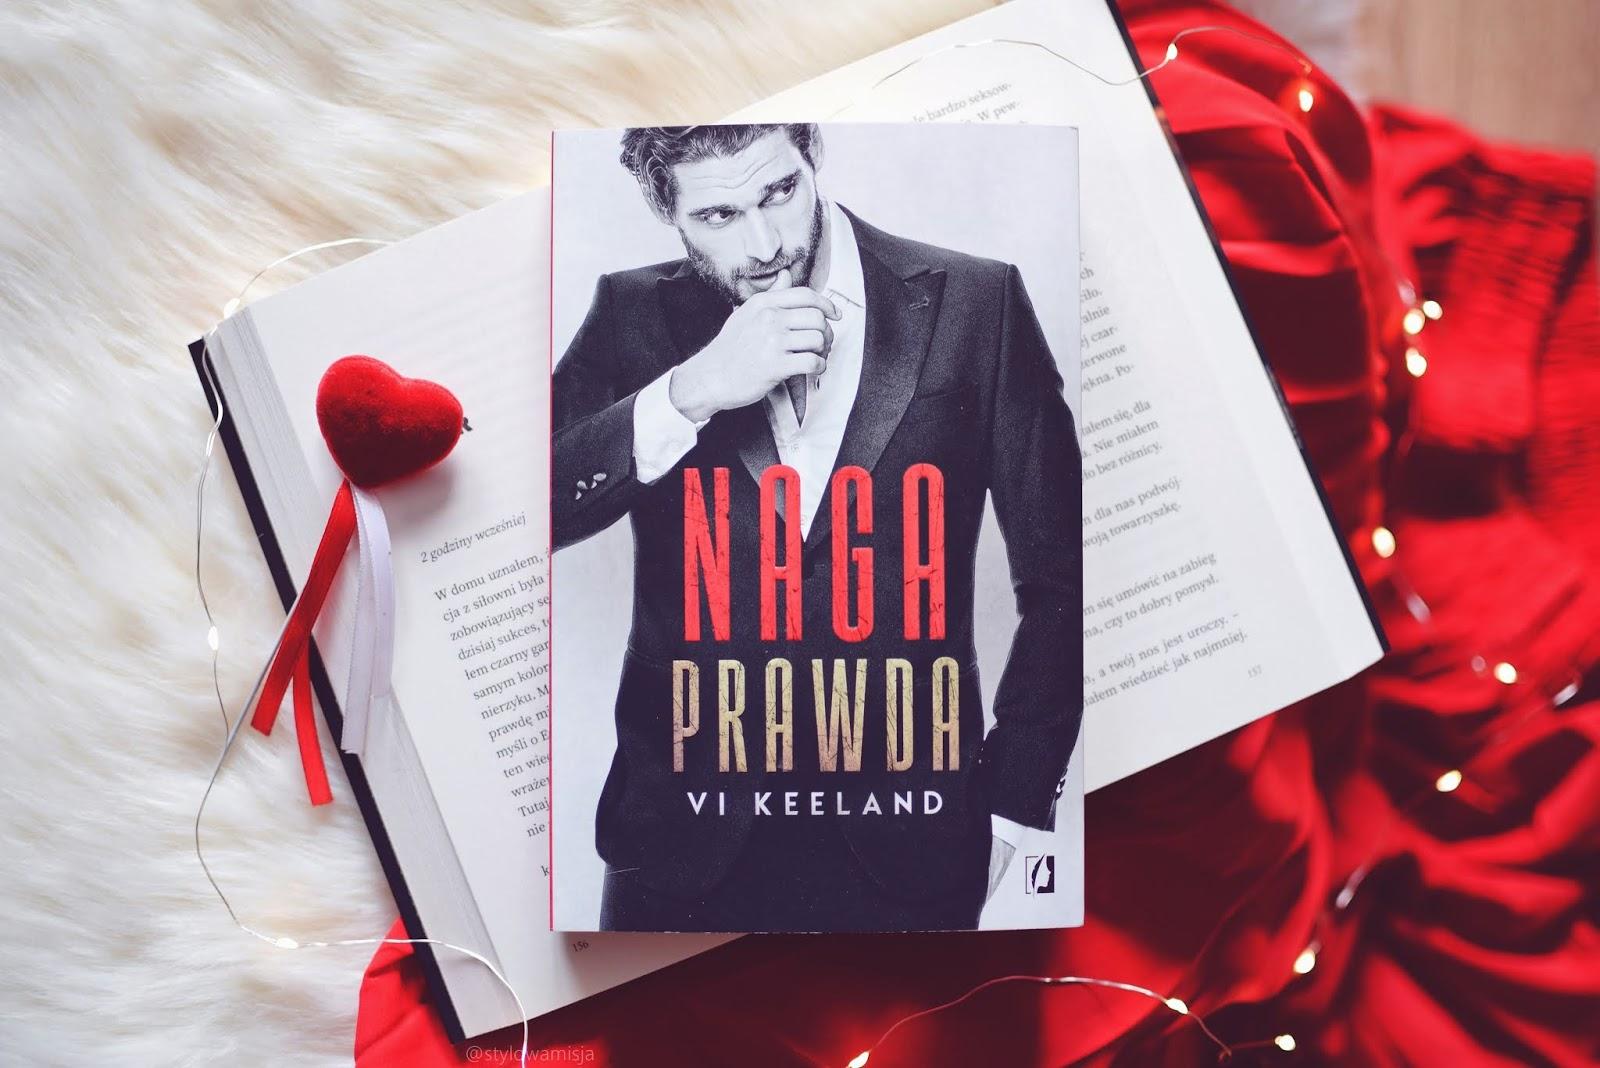 erotyk, miłość, NagaPrawda, opowiadanie, recenzja, romans, ViKeeland, WydawnictwoKobiece,